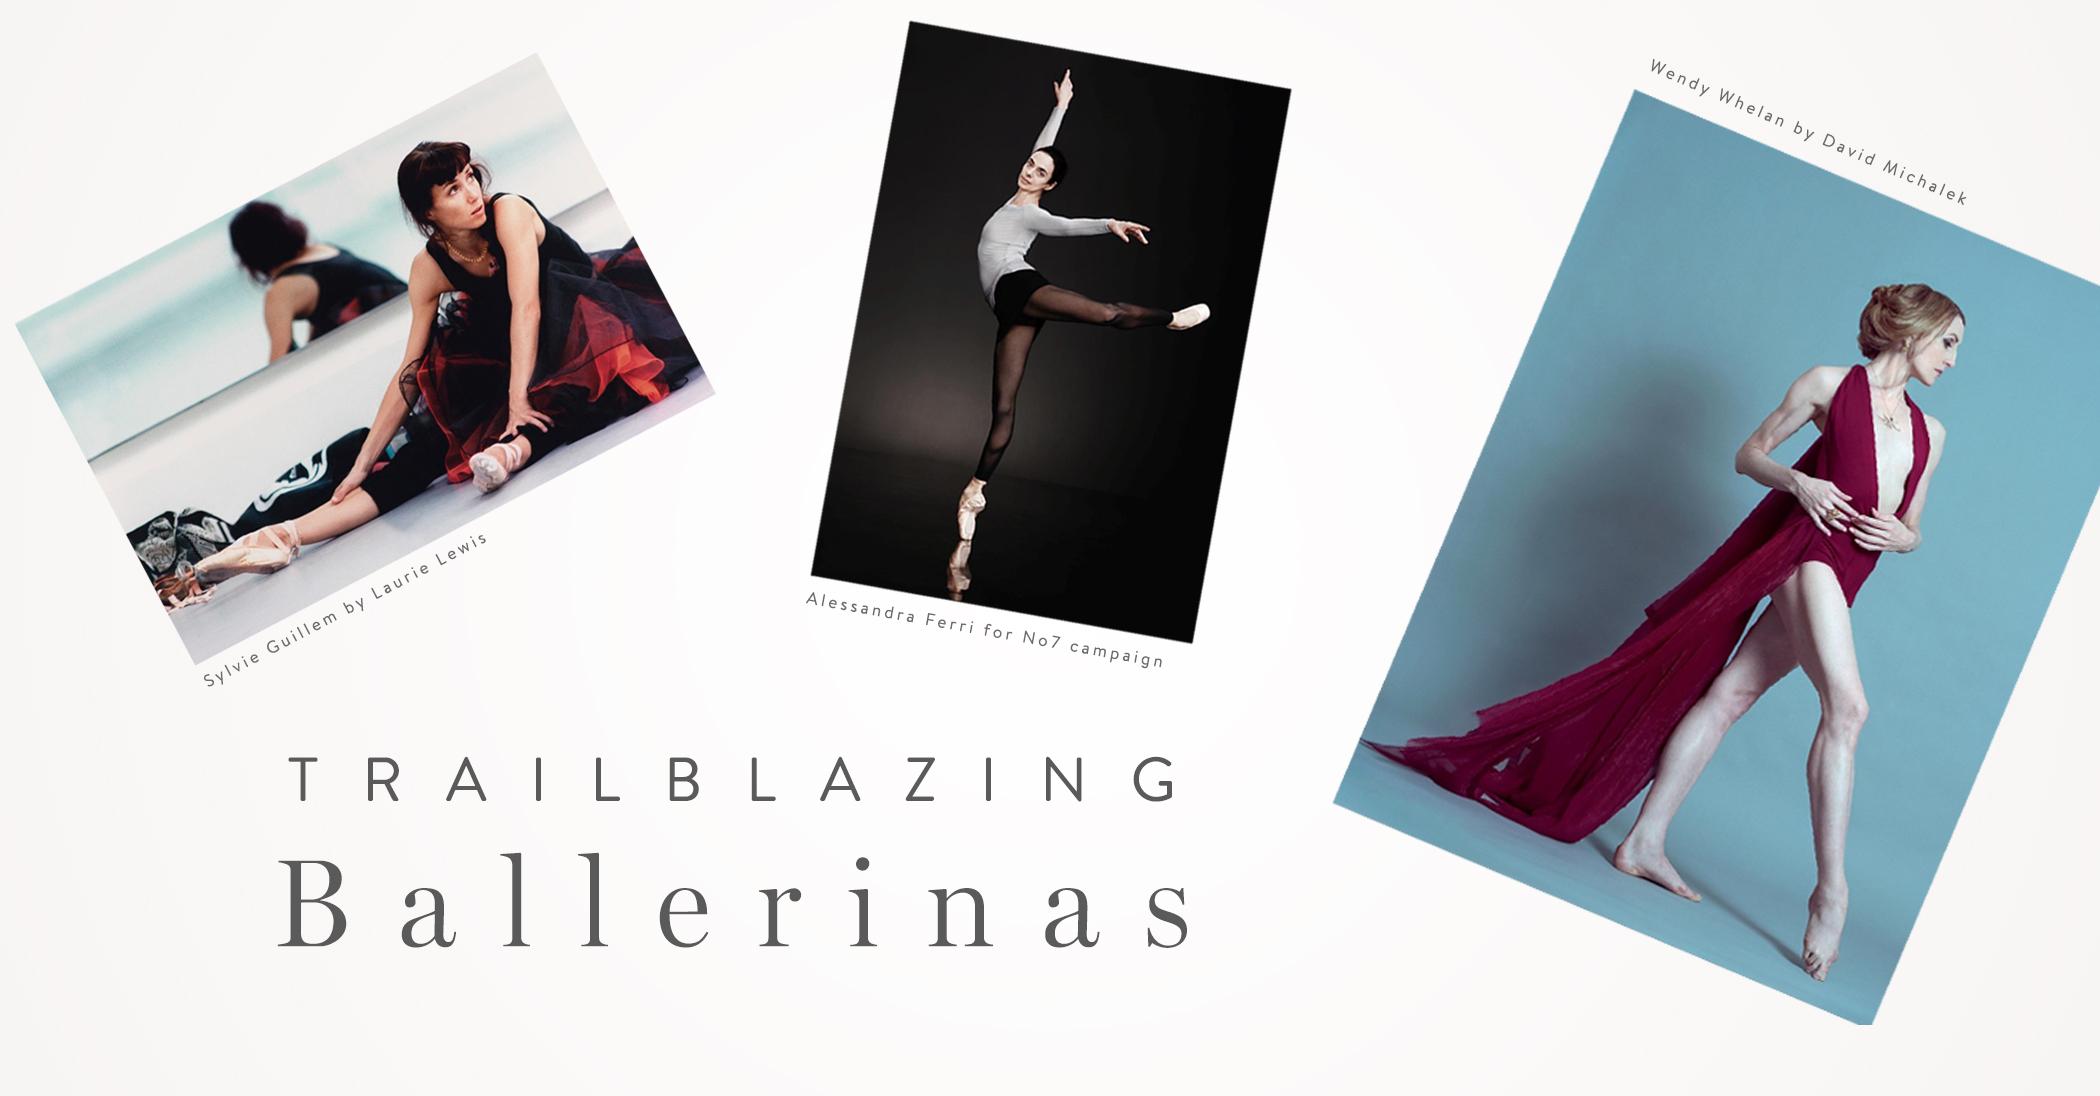 Trailblazing Ballerinas